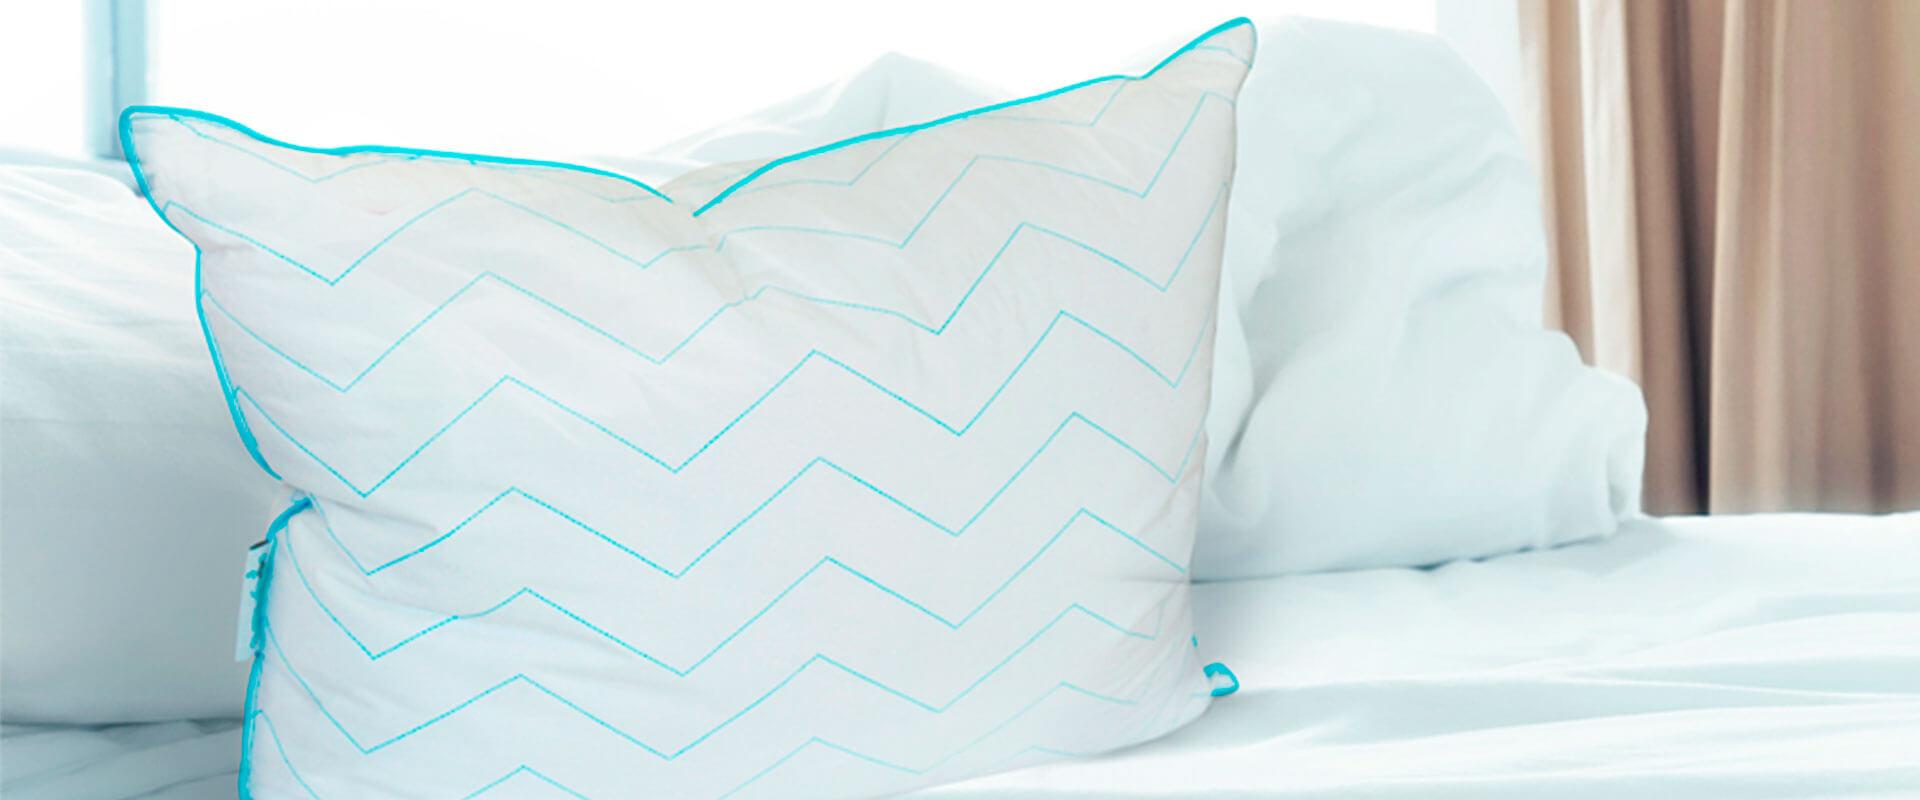 Almohada Soñare firme sobre cama.